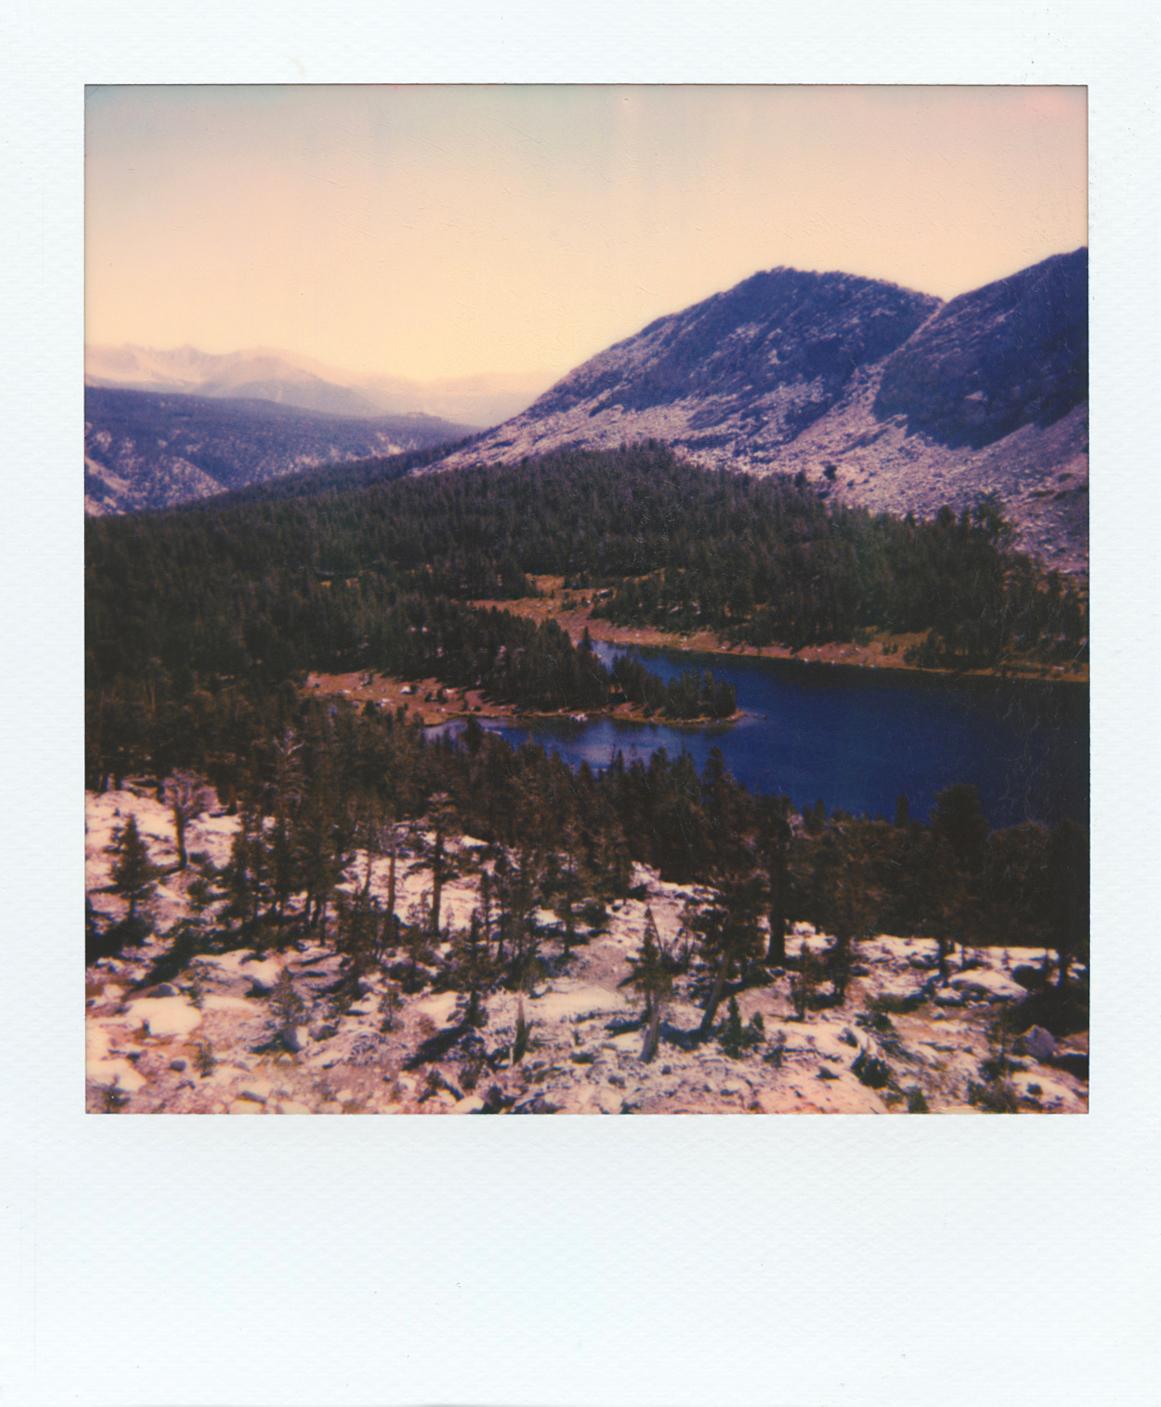 Little Five Lakes | Polaroid Sun 660AF | Polaroid Originals 600 Color | Michael Behlen